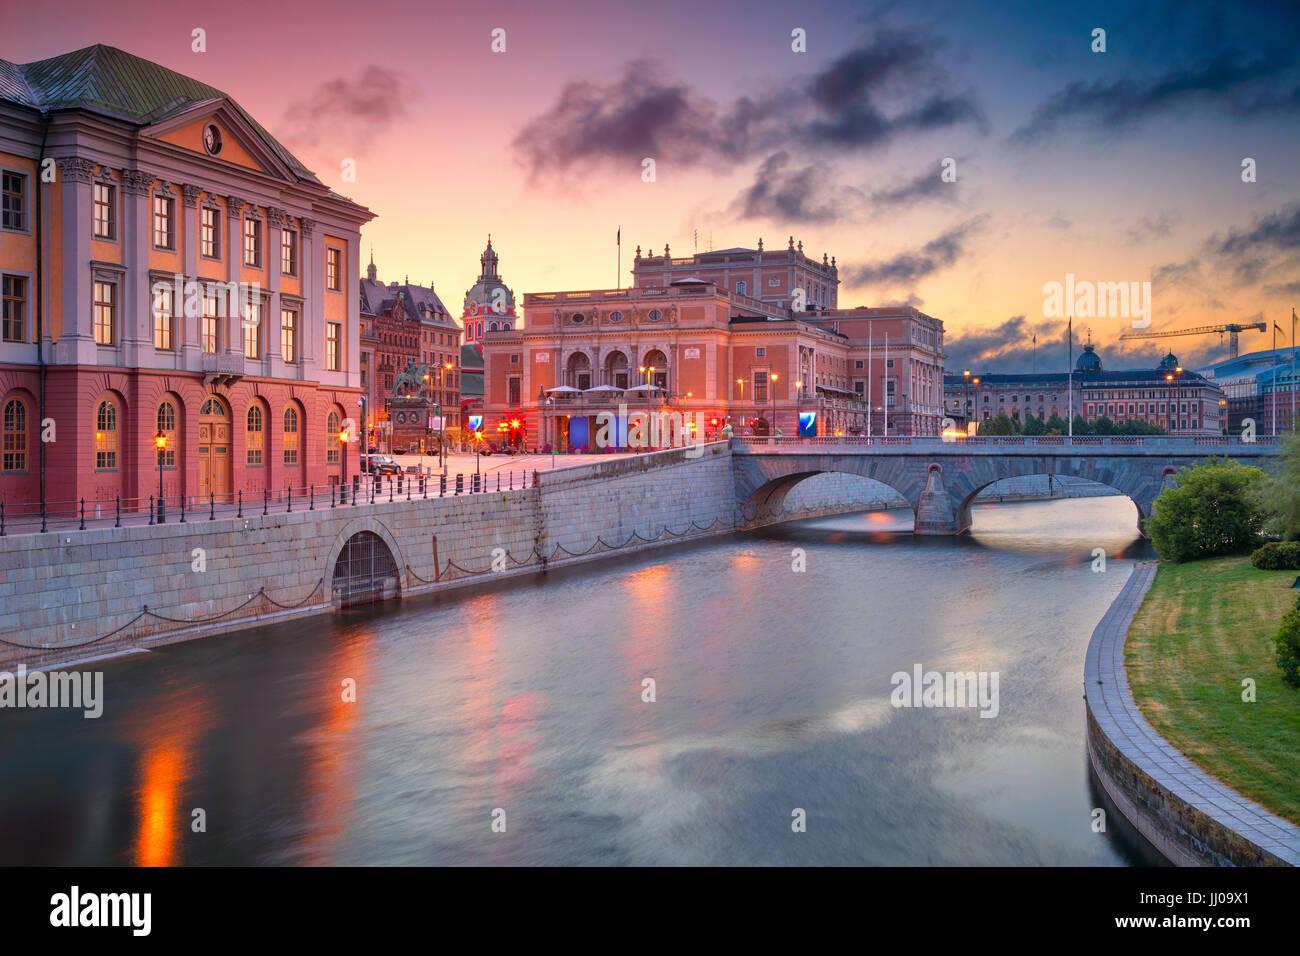 Estocolmo. Imagen de la ciudad vieja de Estocolmo, Suecia durante el amanecer. Imagen De Stock